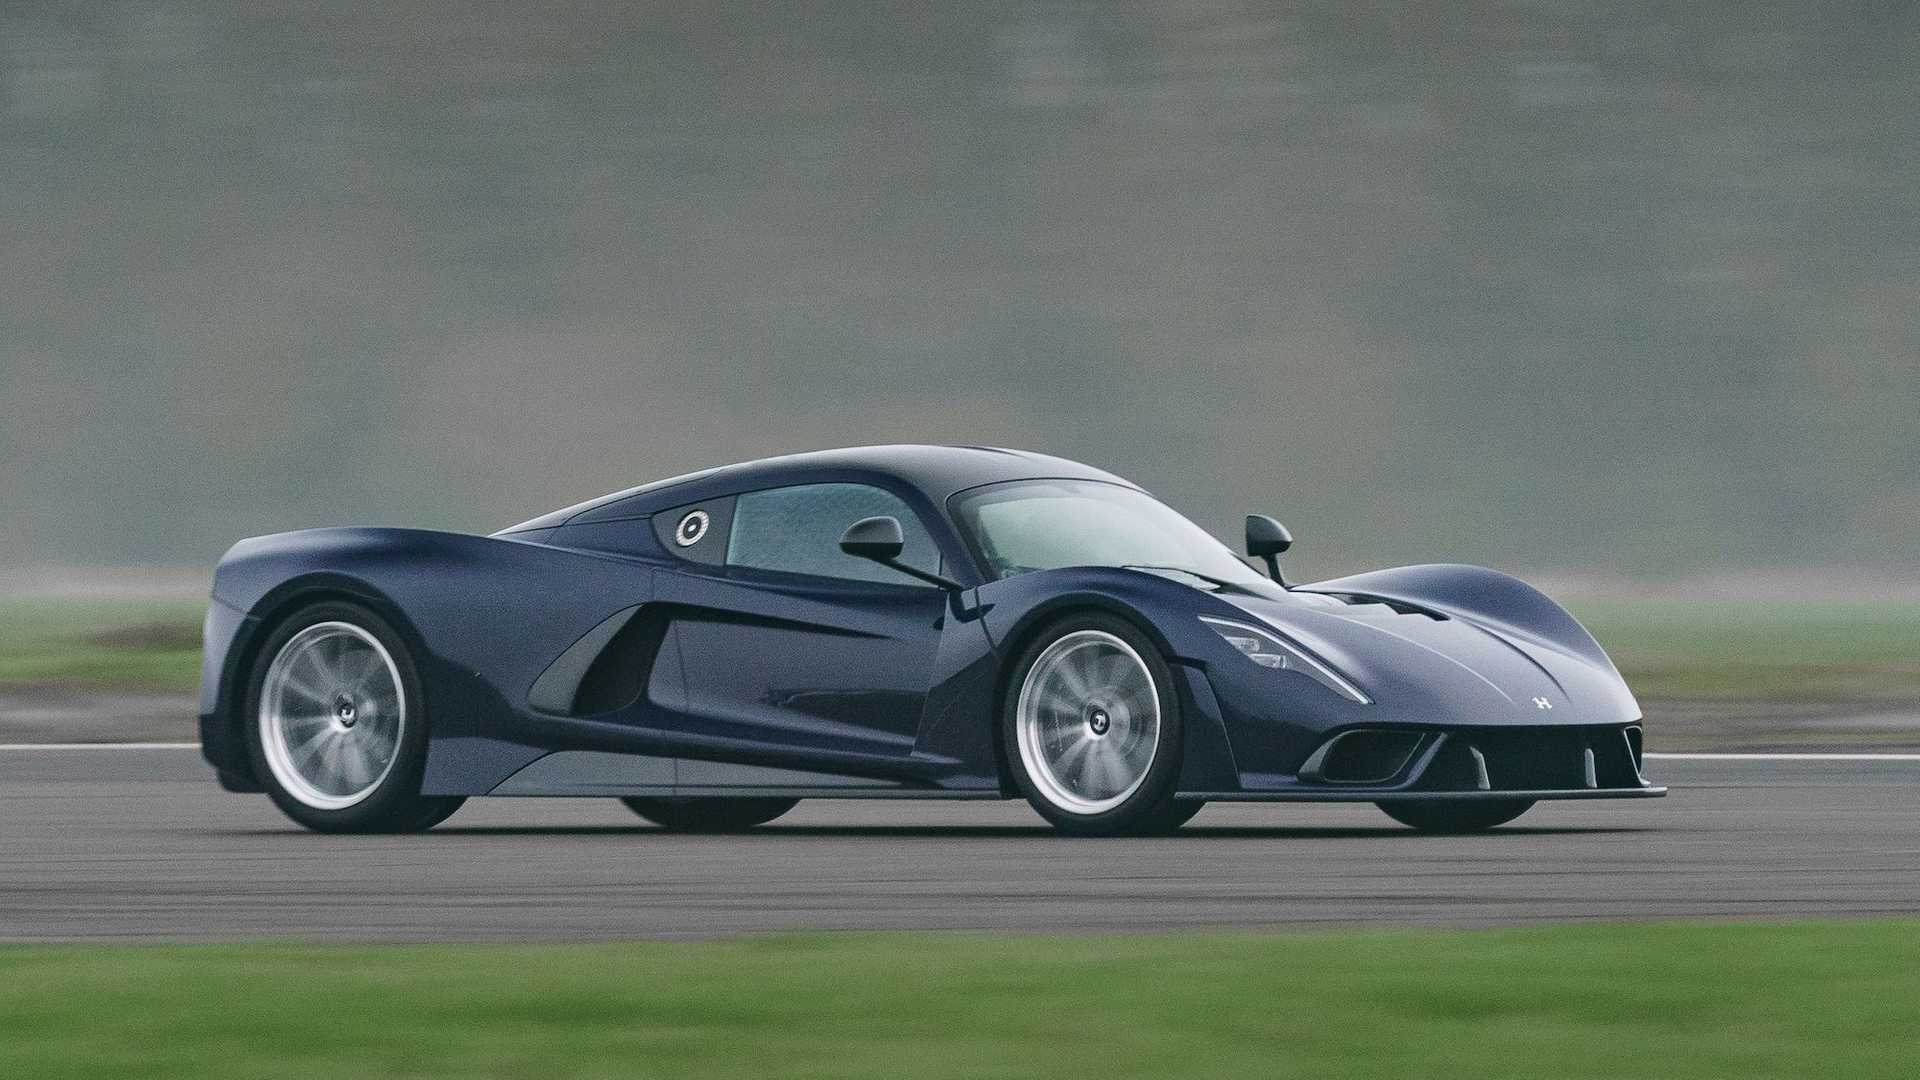 هنسی ونوم اف5؛ ابرخودرویی با سرعت 500 کیلومتر برساعت و تولید محدود به 24 دستگاه/ عکس